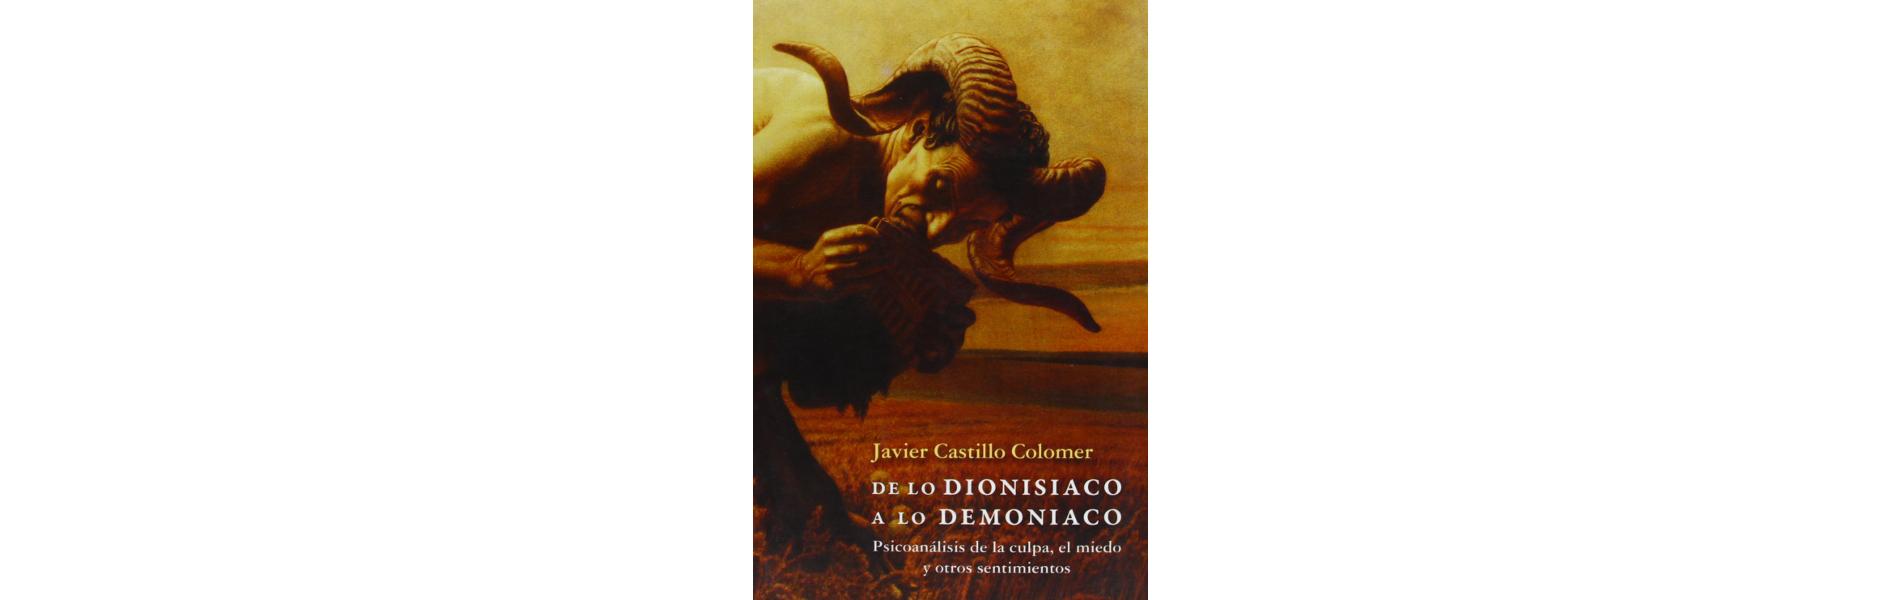 De lo dionisiaco a lo demoniaco. Psicoanálisis de la culpa, el miedo y otros sentimientos